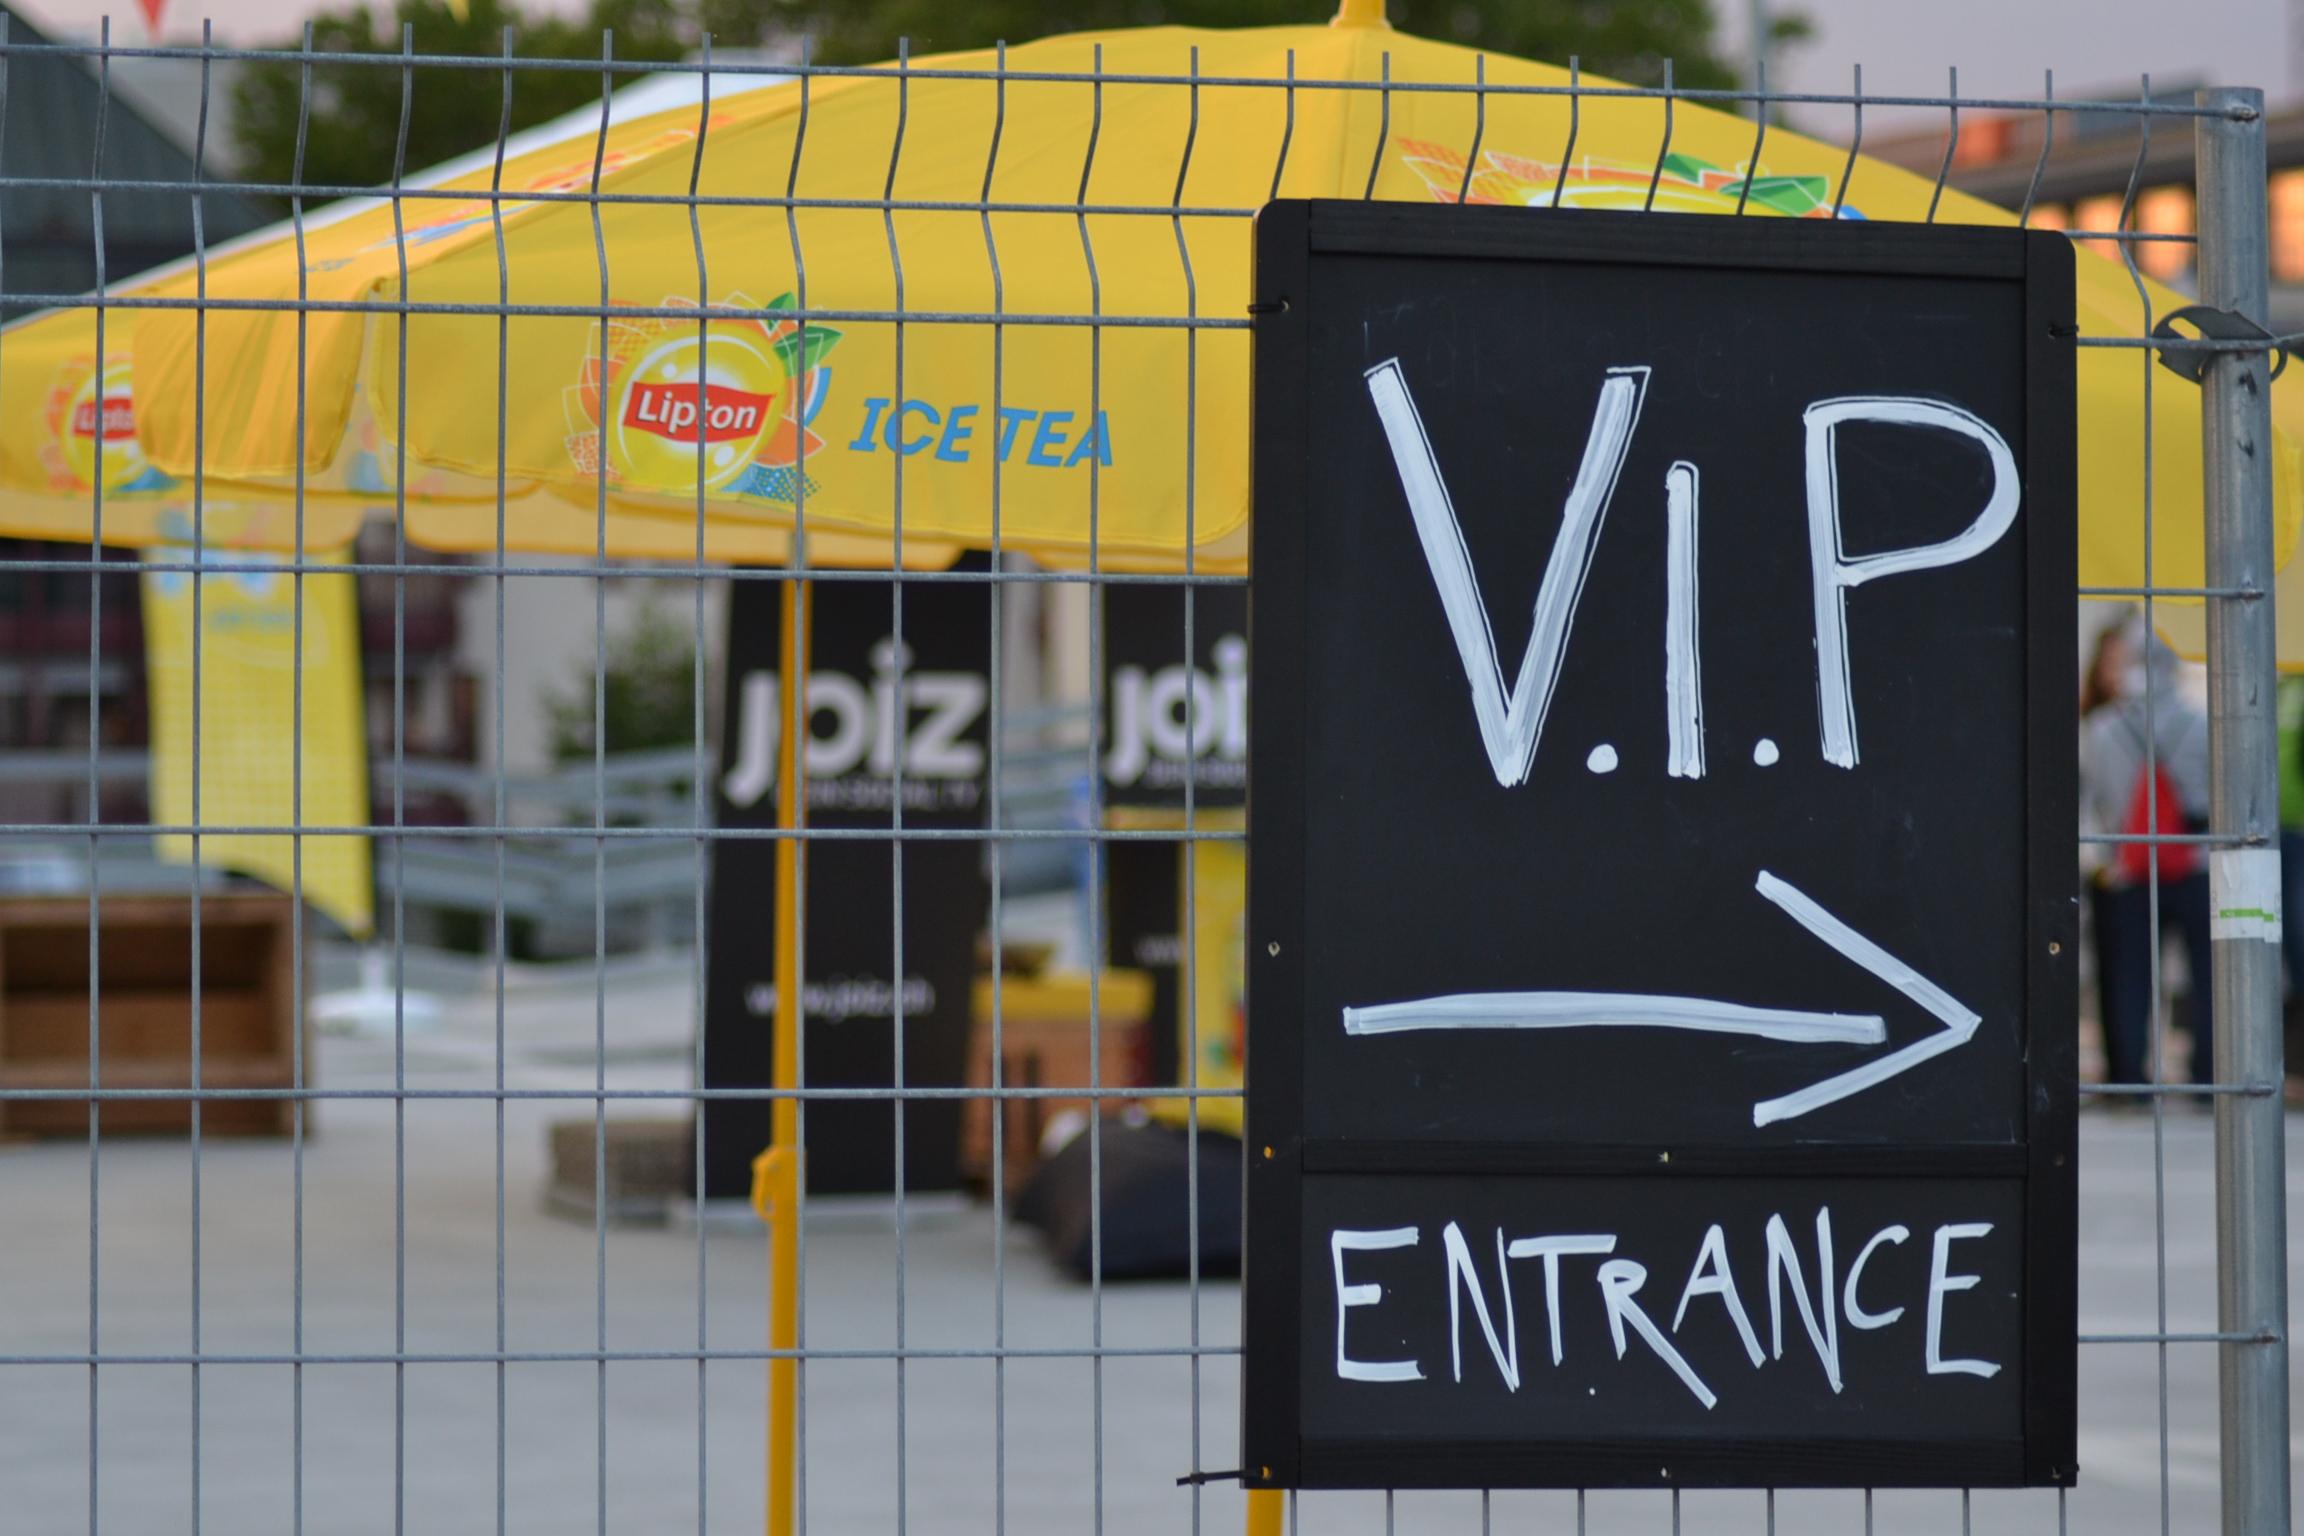 Heute gibts VIP Treatment mit allem was dazu gehört!